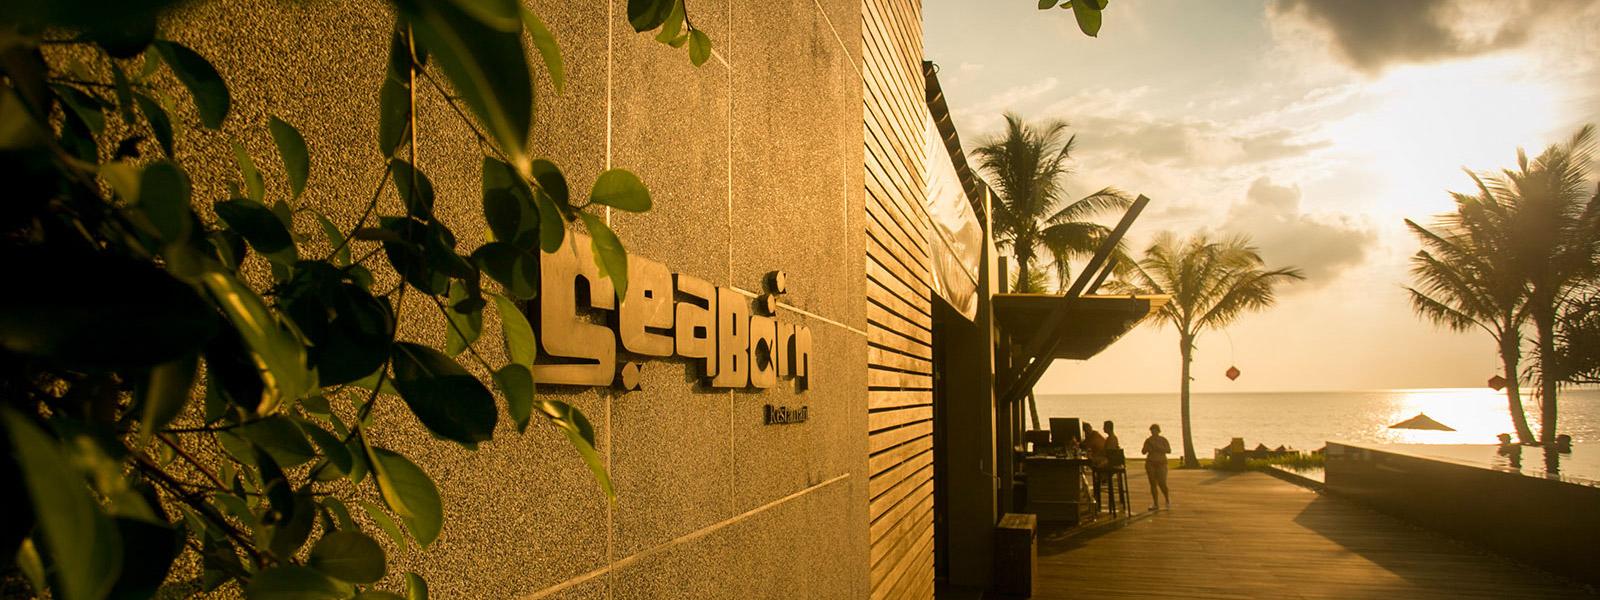 Chongfah Resort Khao Lak - Dining